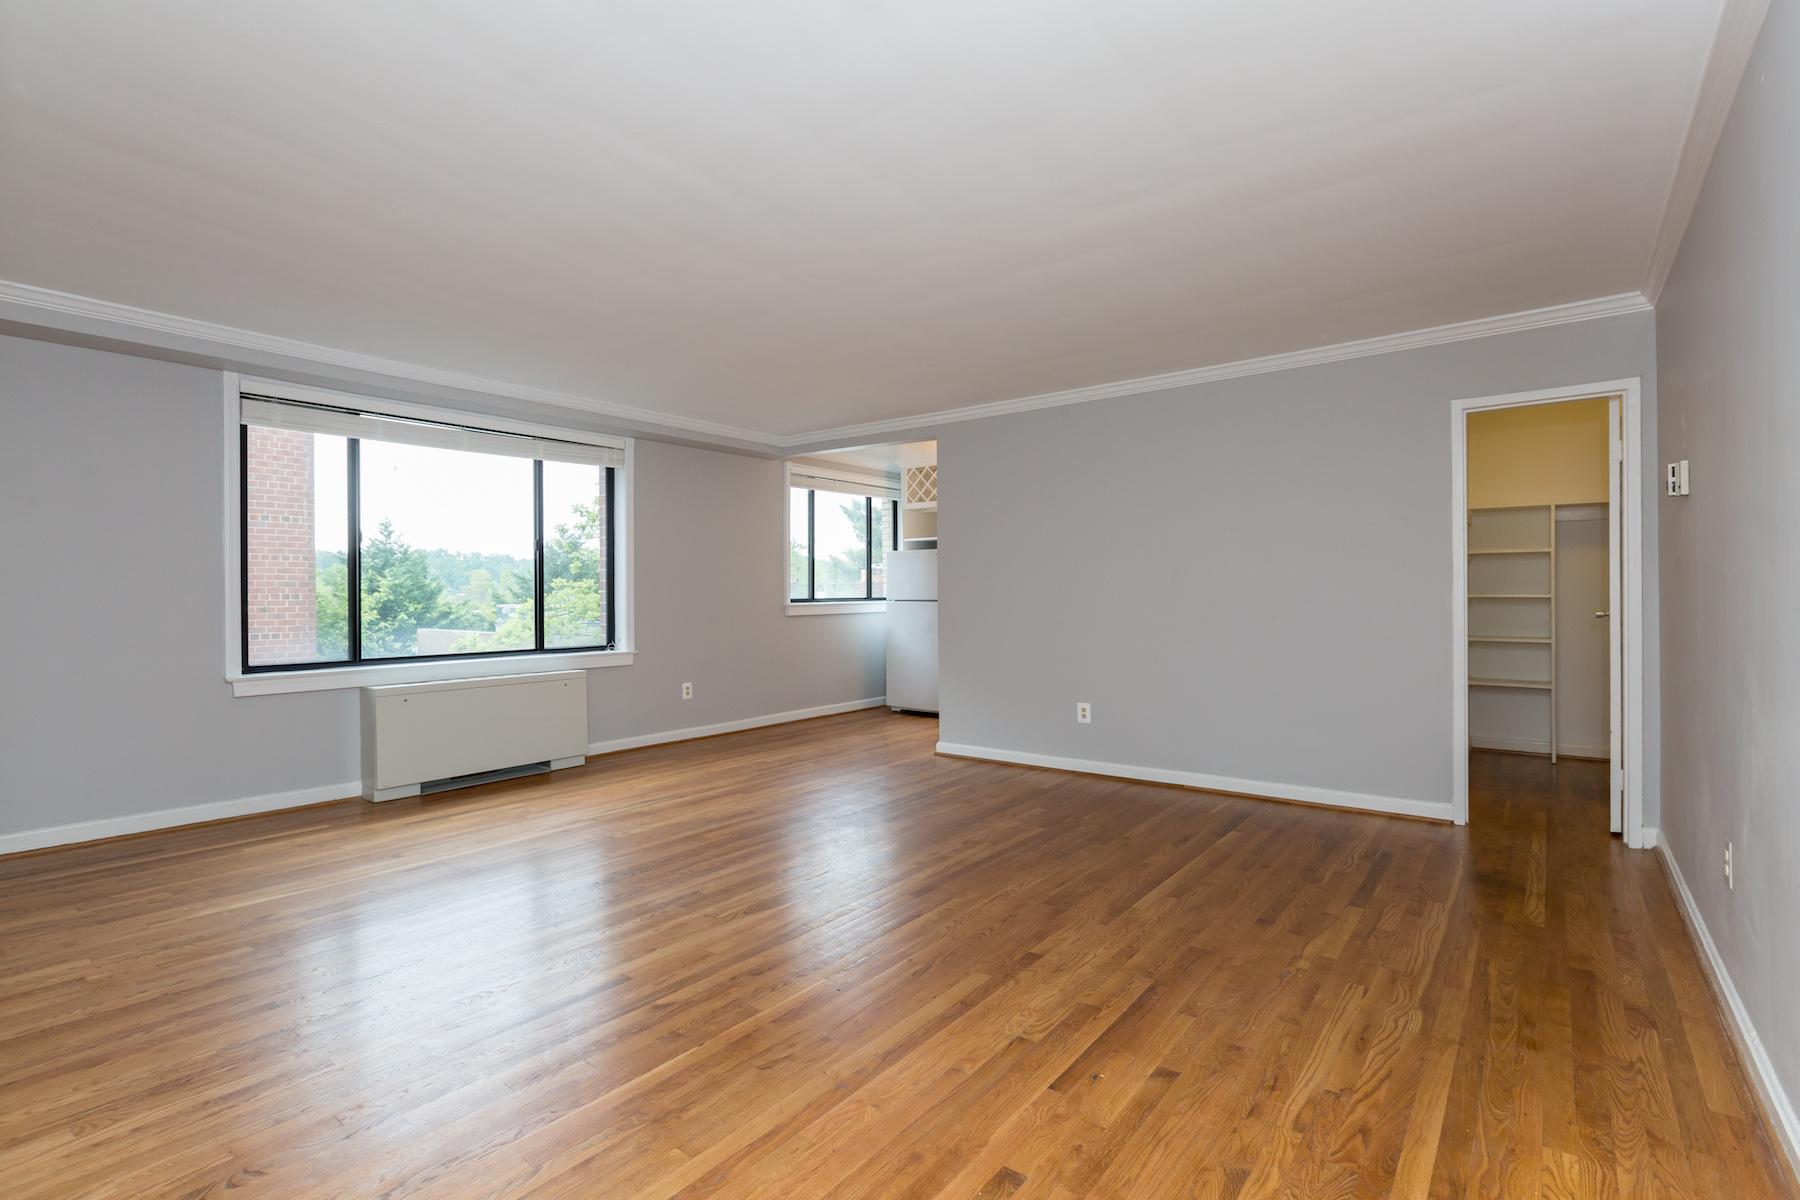 Nhà chung cư vì Bán tại 5112 MacArthur Blvd #201 5112 Macarthur Blvd 201 Palisades, Washington, District Of Columbia, 20016 Hoa Kỳ